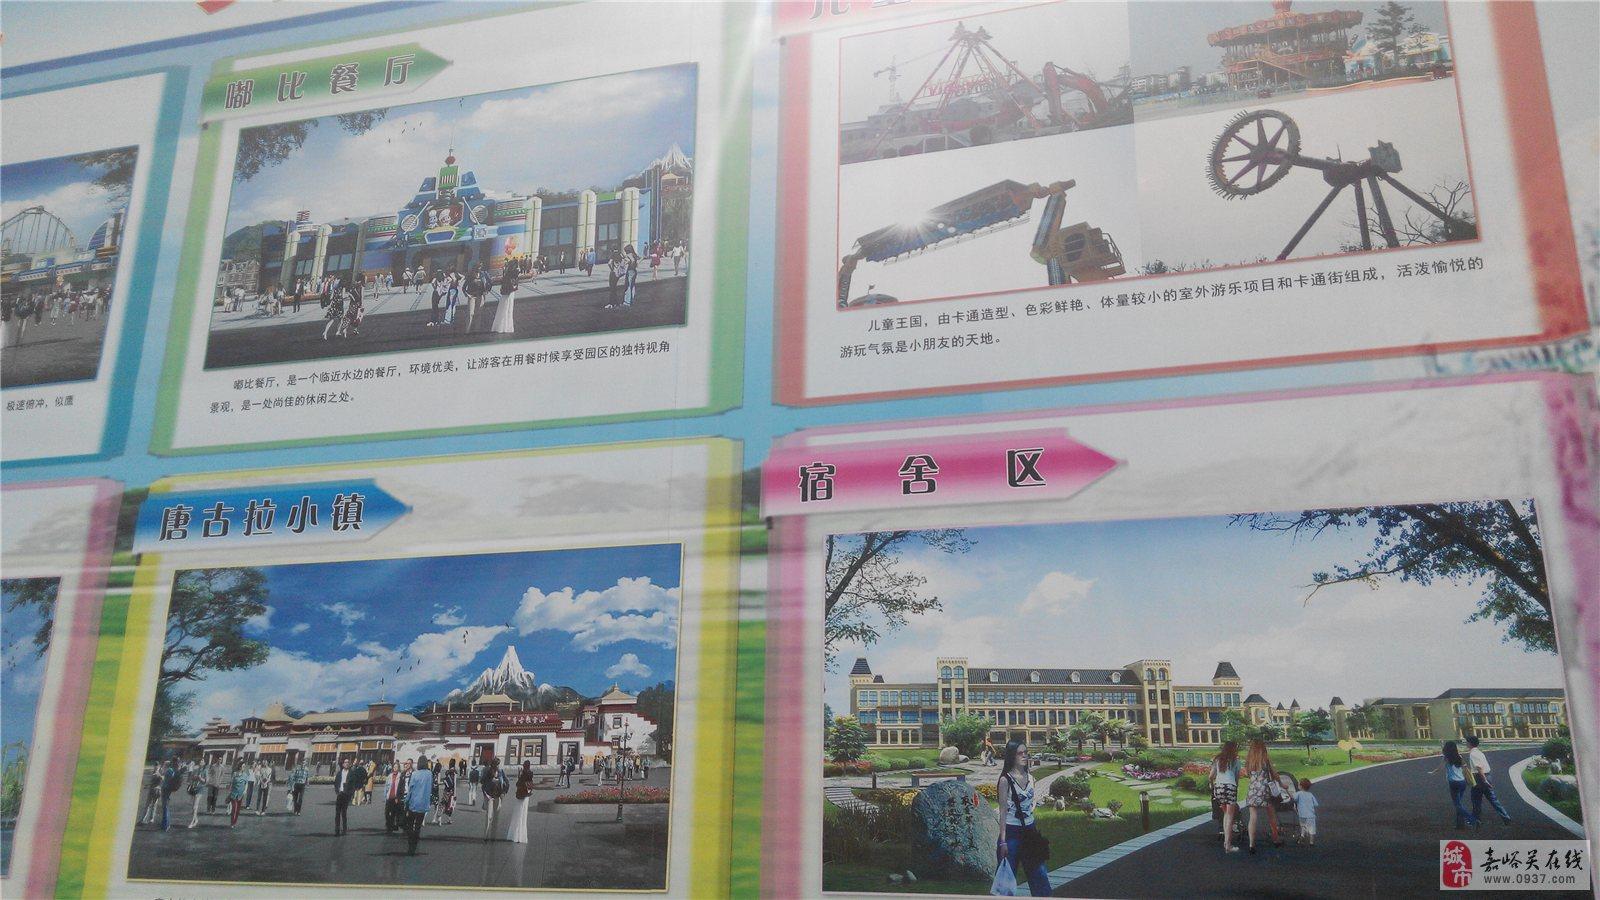 平阳游乐场/温州游乐场事故图片/儿童游乐场简笔画